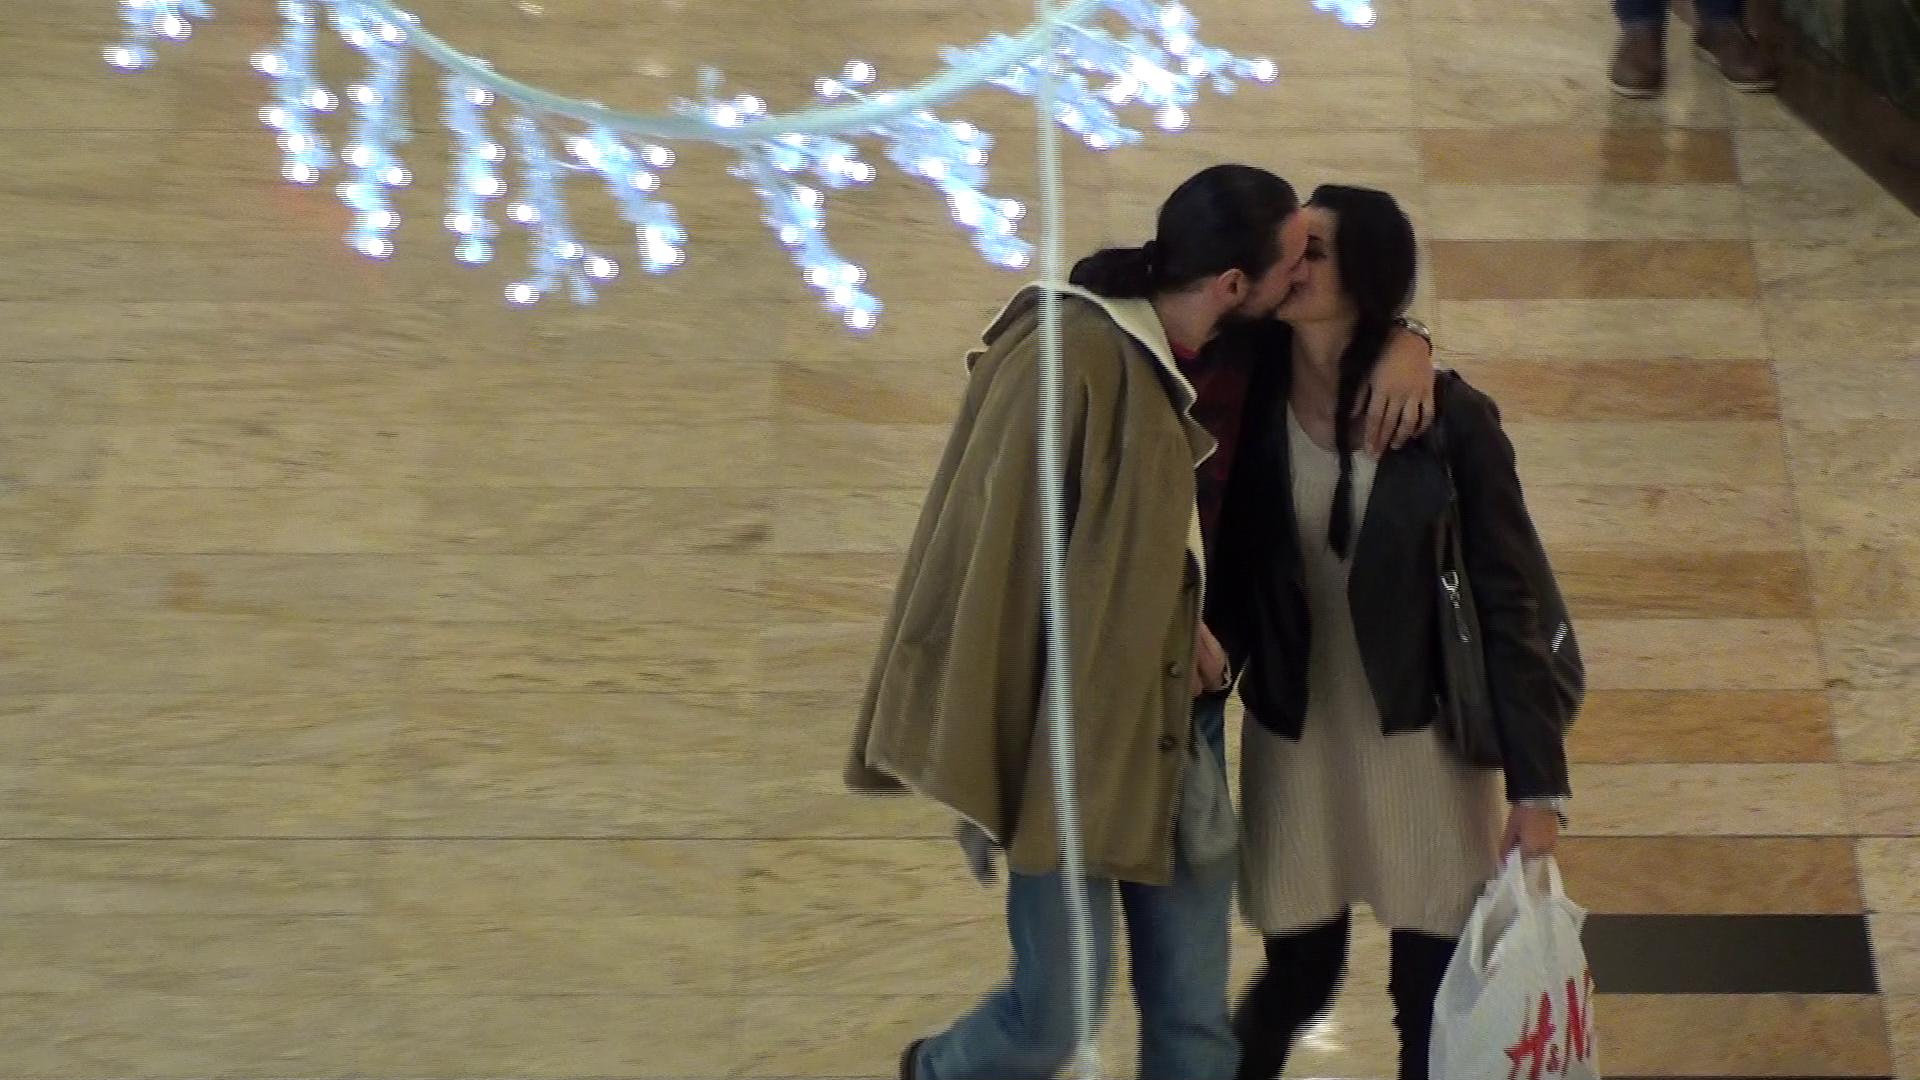 Desi este inca insurat, Denis Stefan nu s-a sfiit sa se afizeze cu bebelusa Cristina si sa se sarute in vazul lumii, la mall